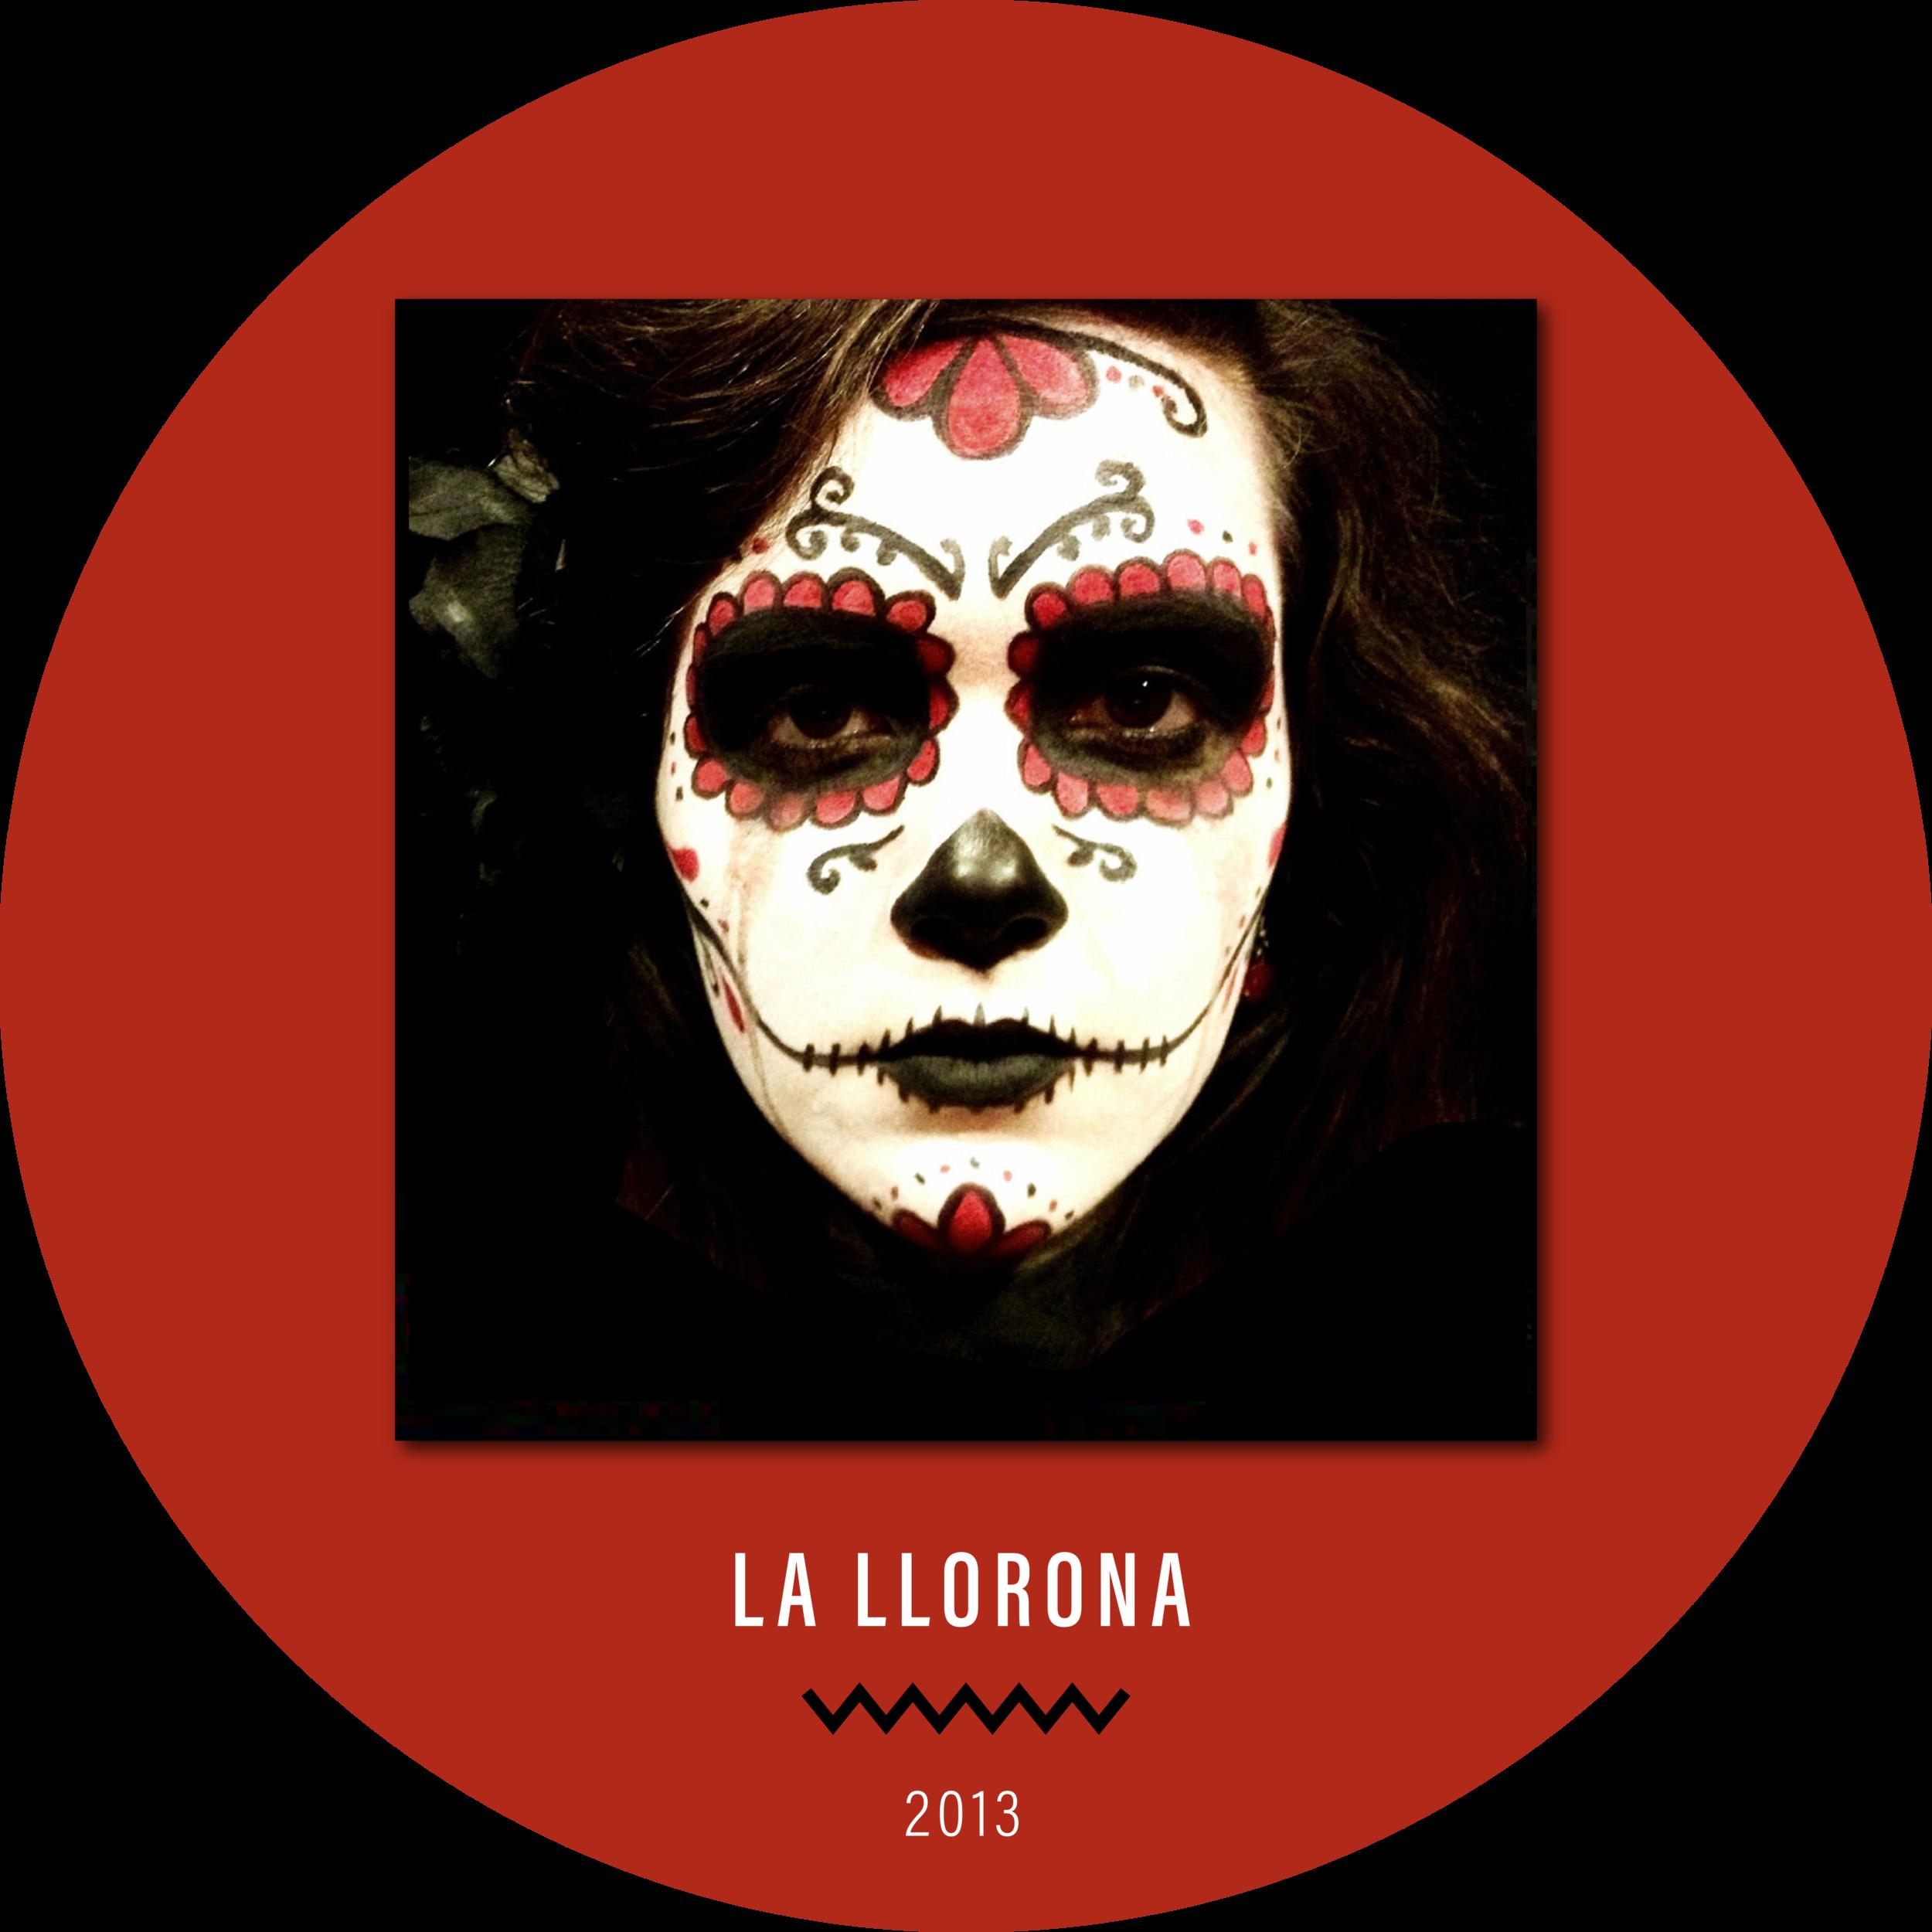 FILM-CARD-LA-LLORONA-circle.png